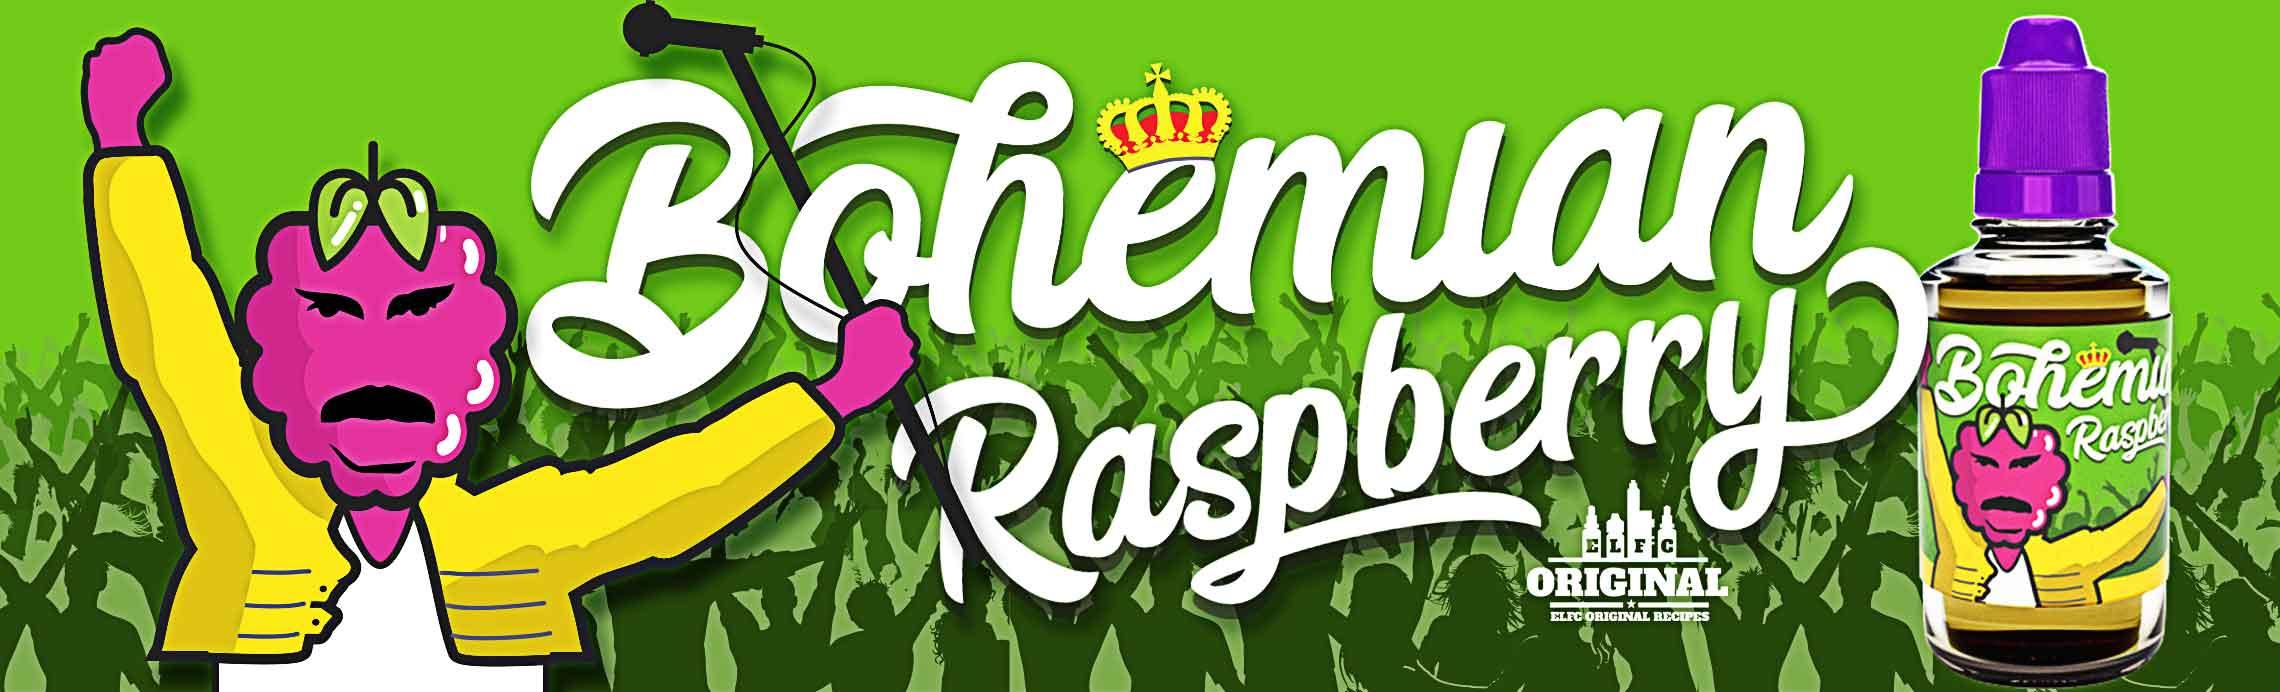 bohemian-raspberry-web-banner